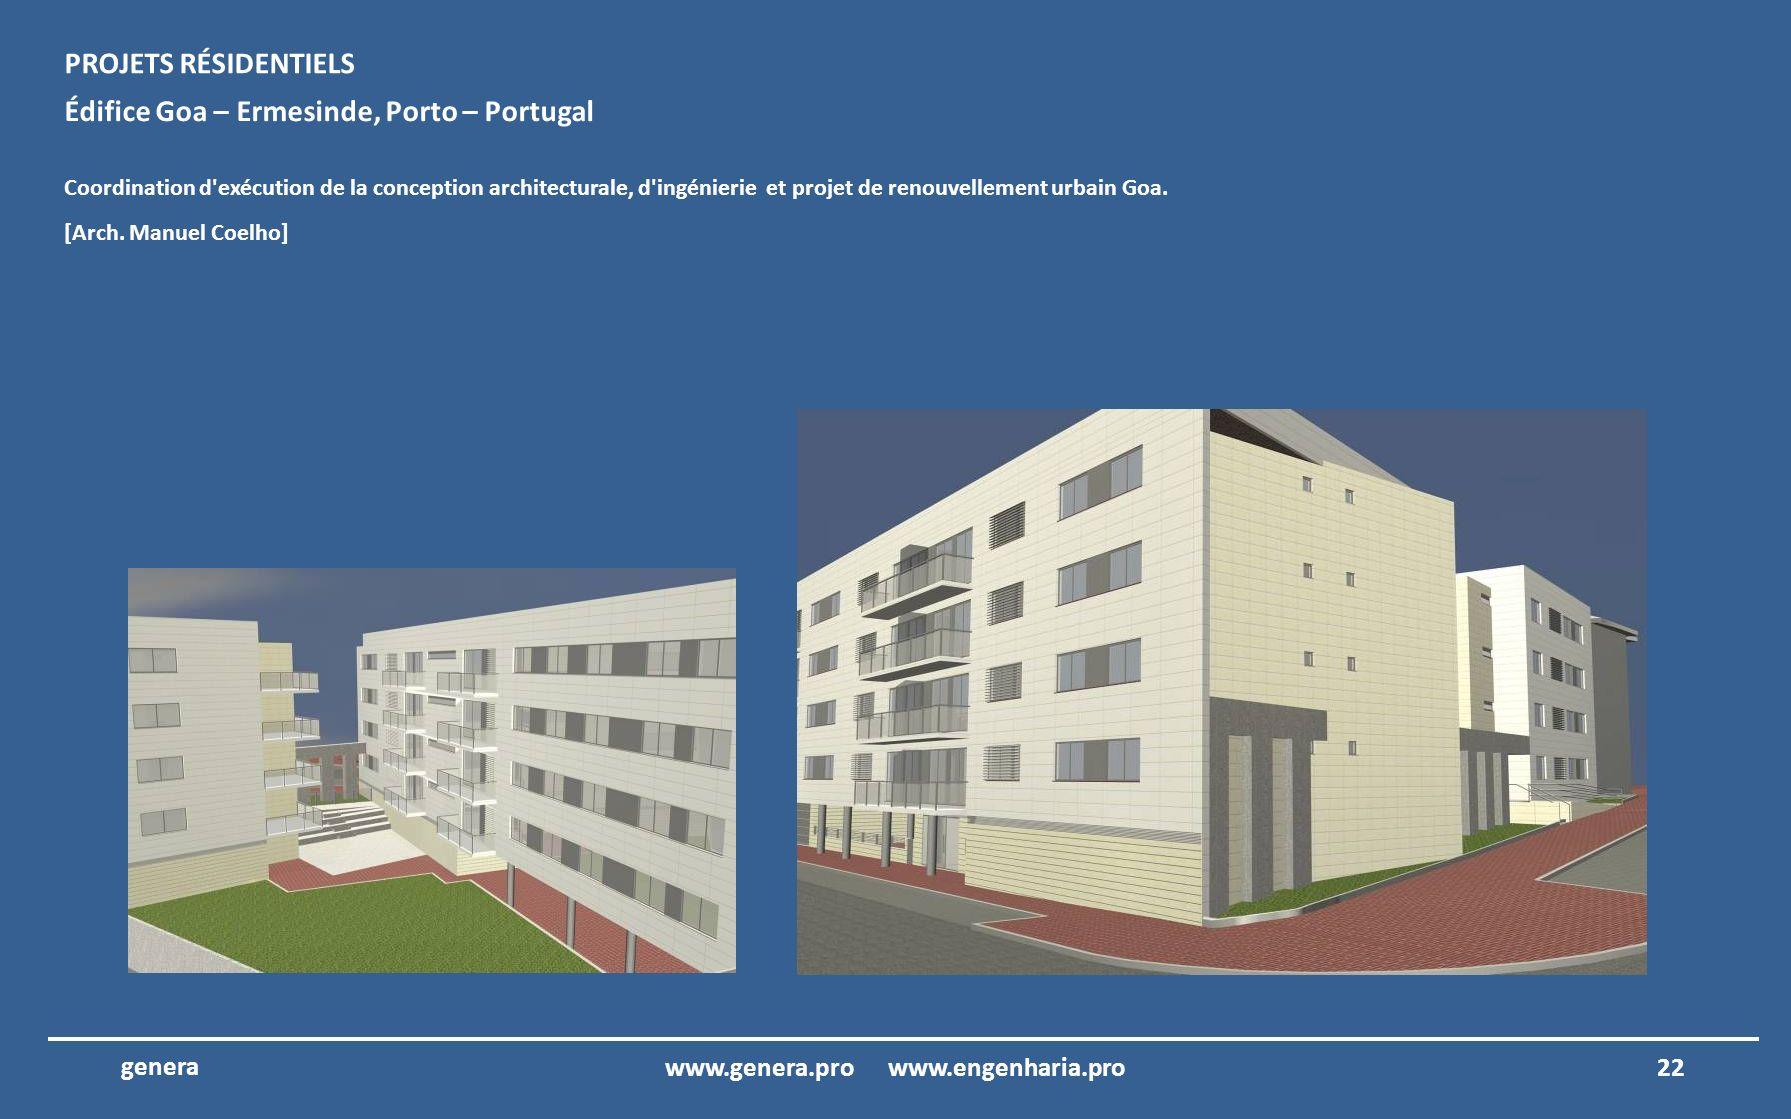 21www.genera.pro www.engenharia.pro genera Centre de diffusion RTP – Lisboa, Portugal Audit et révision des projets d ingénierie du centre de diffusion internationale de la Télévision et Radio du Portugal.